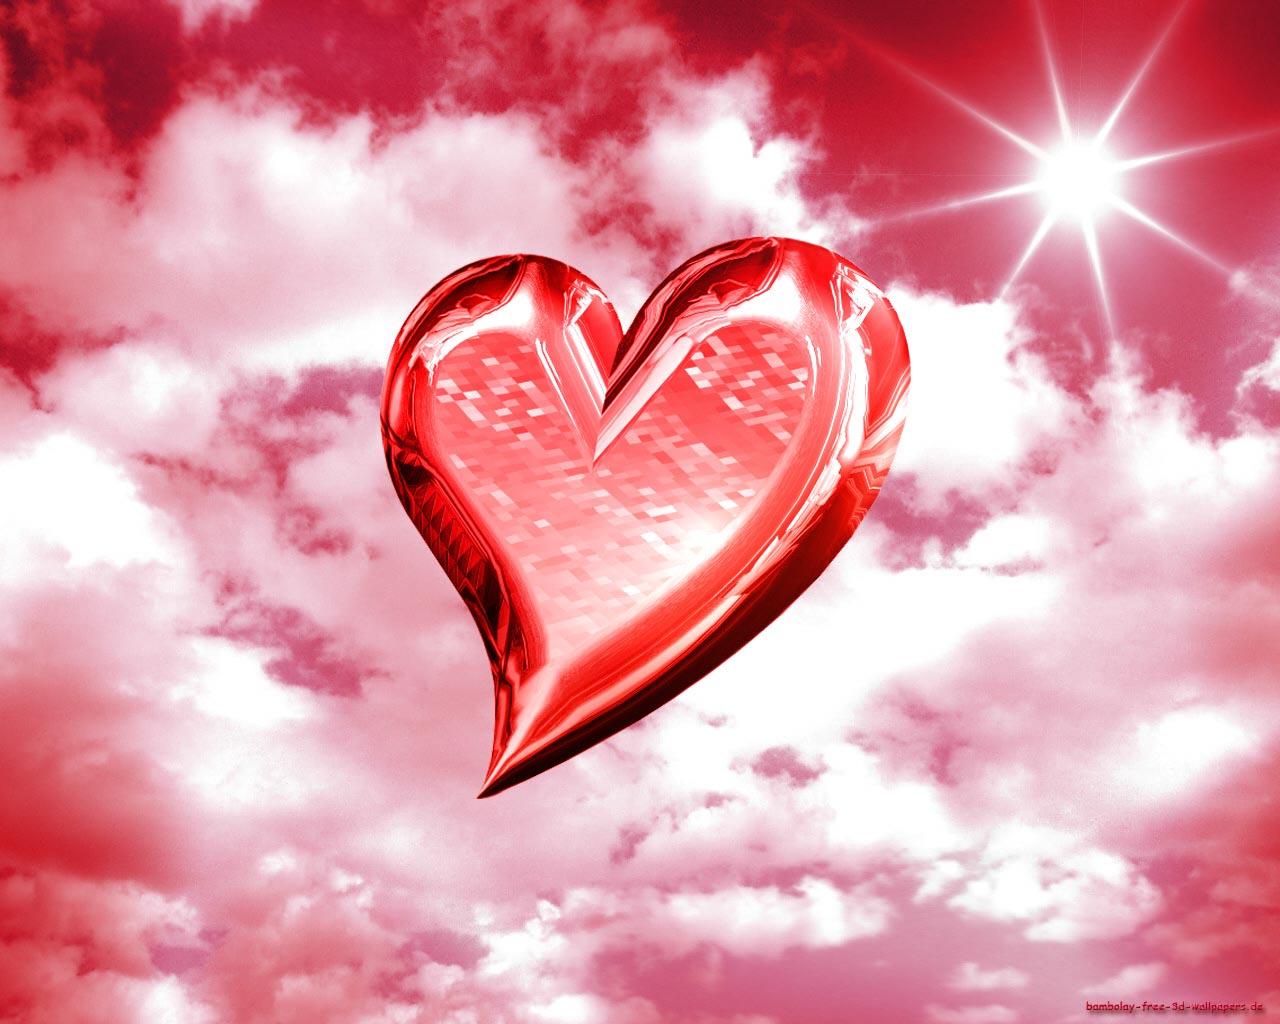 http://4.bp.blogspot.com/-bdcjeQeId10/T6K_bjWb56I/AAAAAAAAAAo/ONZyEOmS89Y/s1600/Red+SKy+Love+Wallpapers.jpg